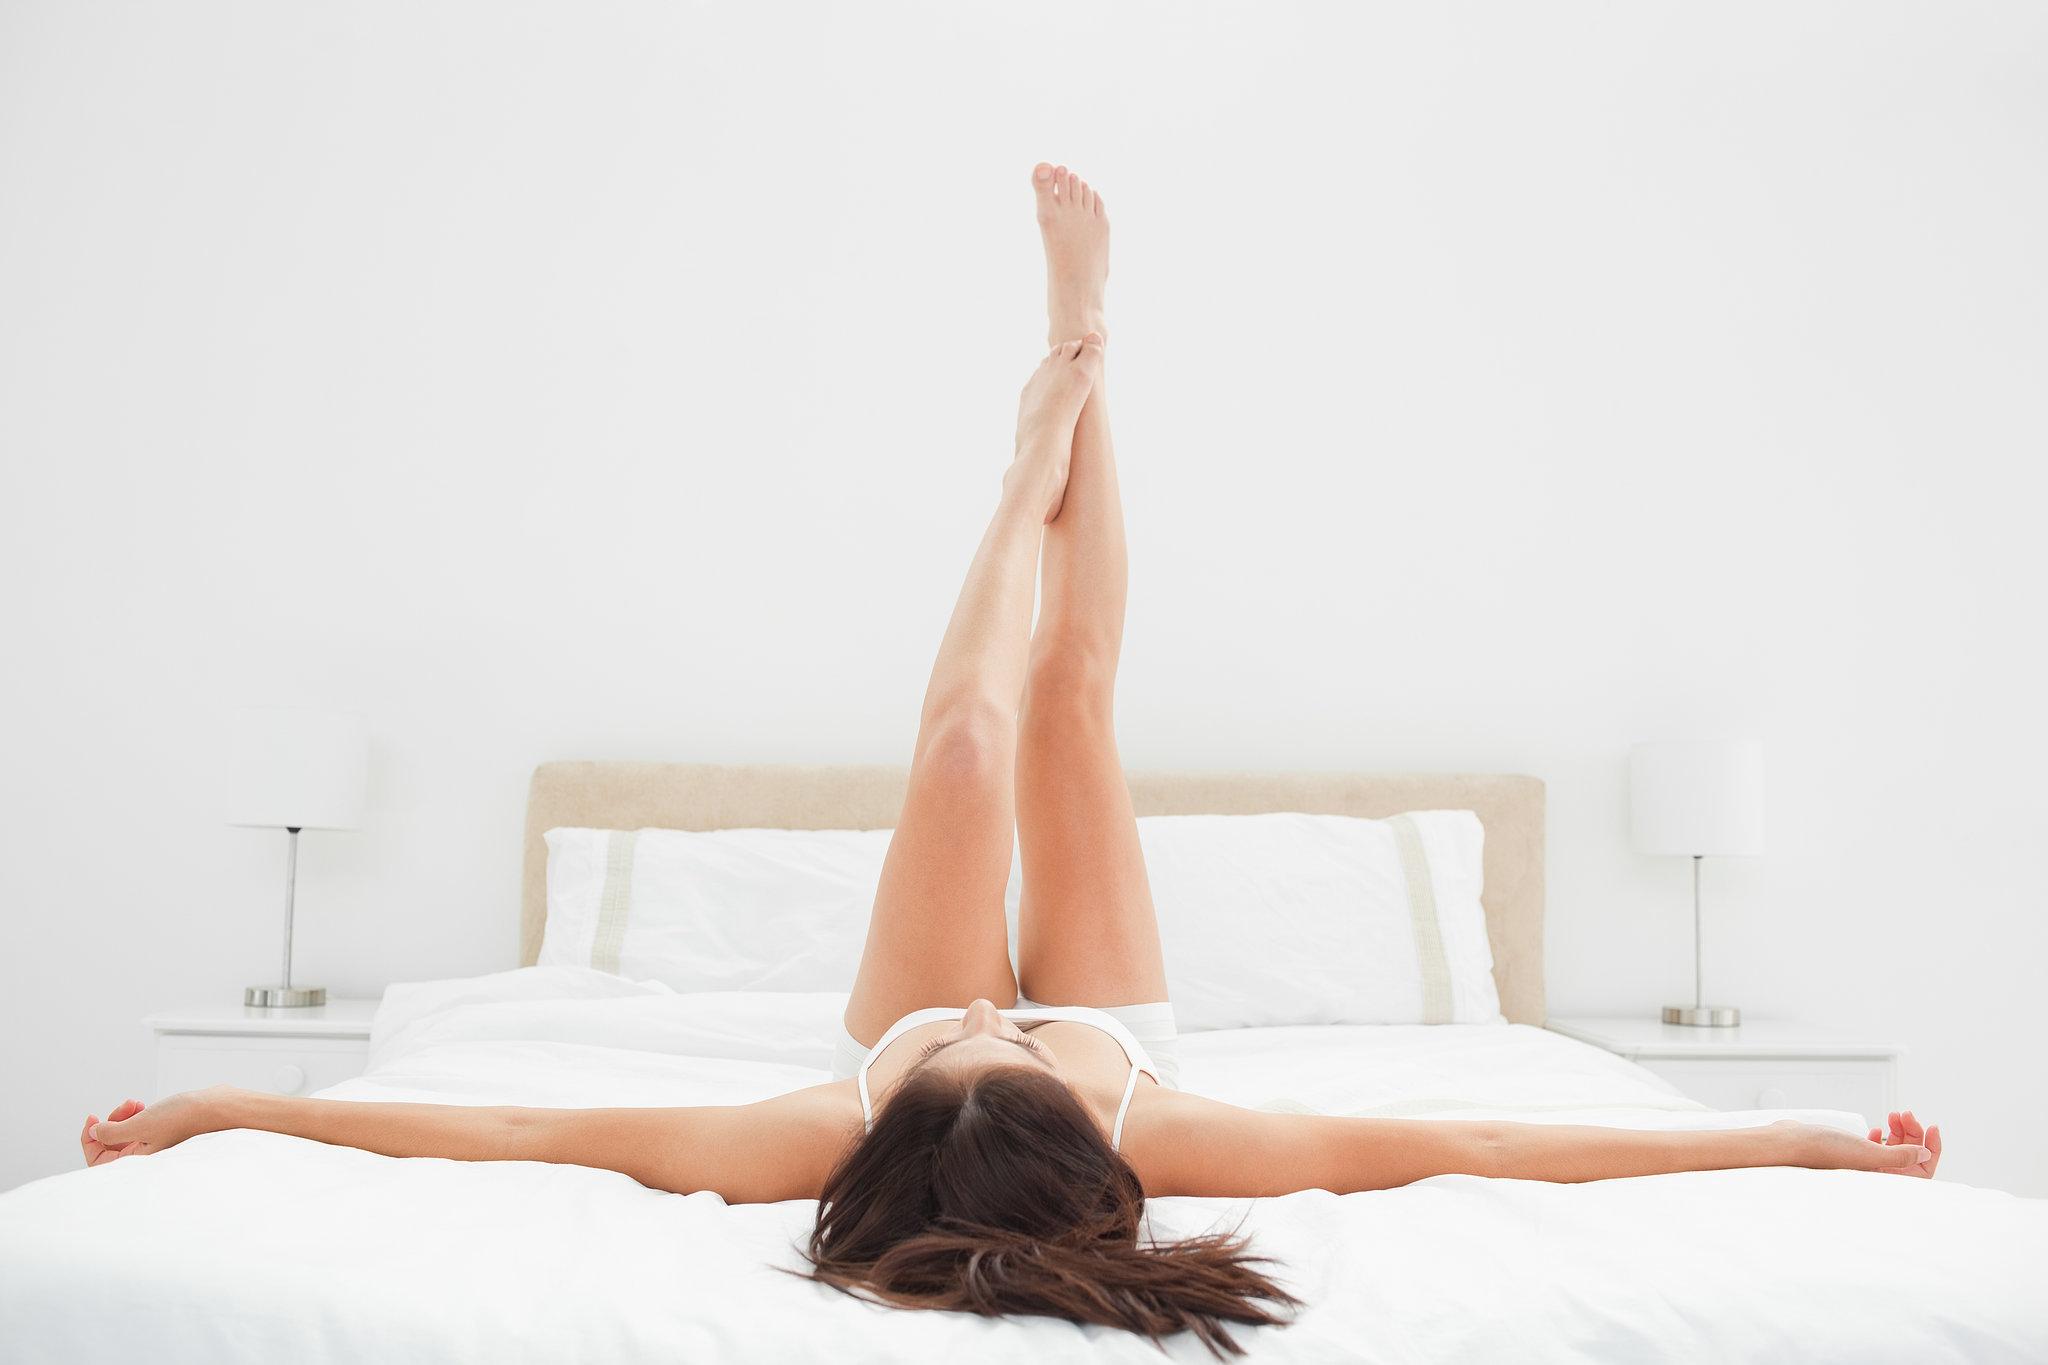 Фото ног лежа на кровати 1 фотография